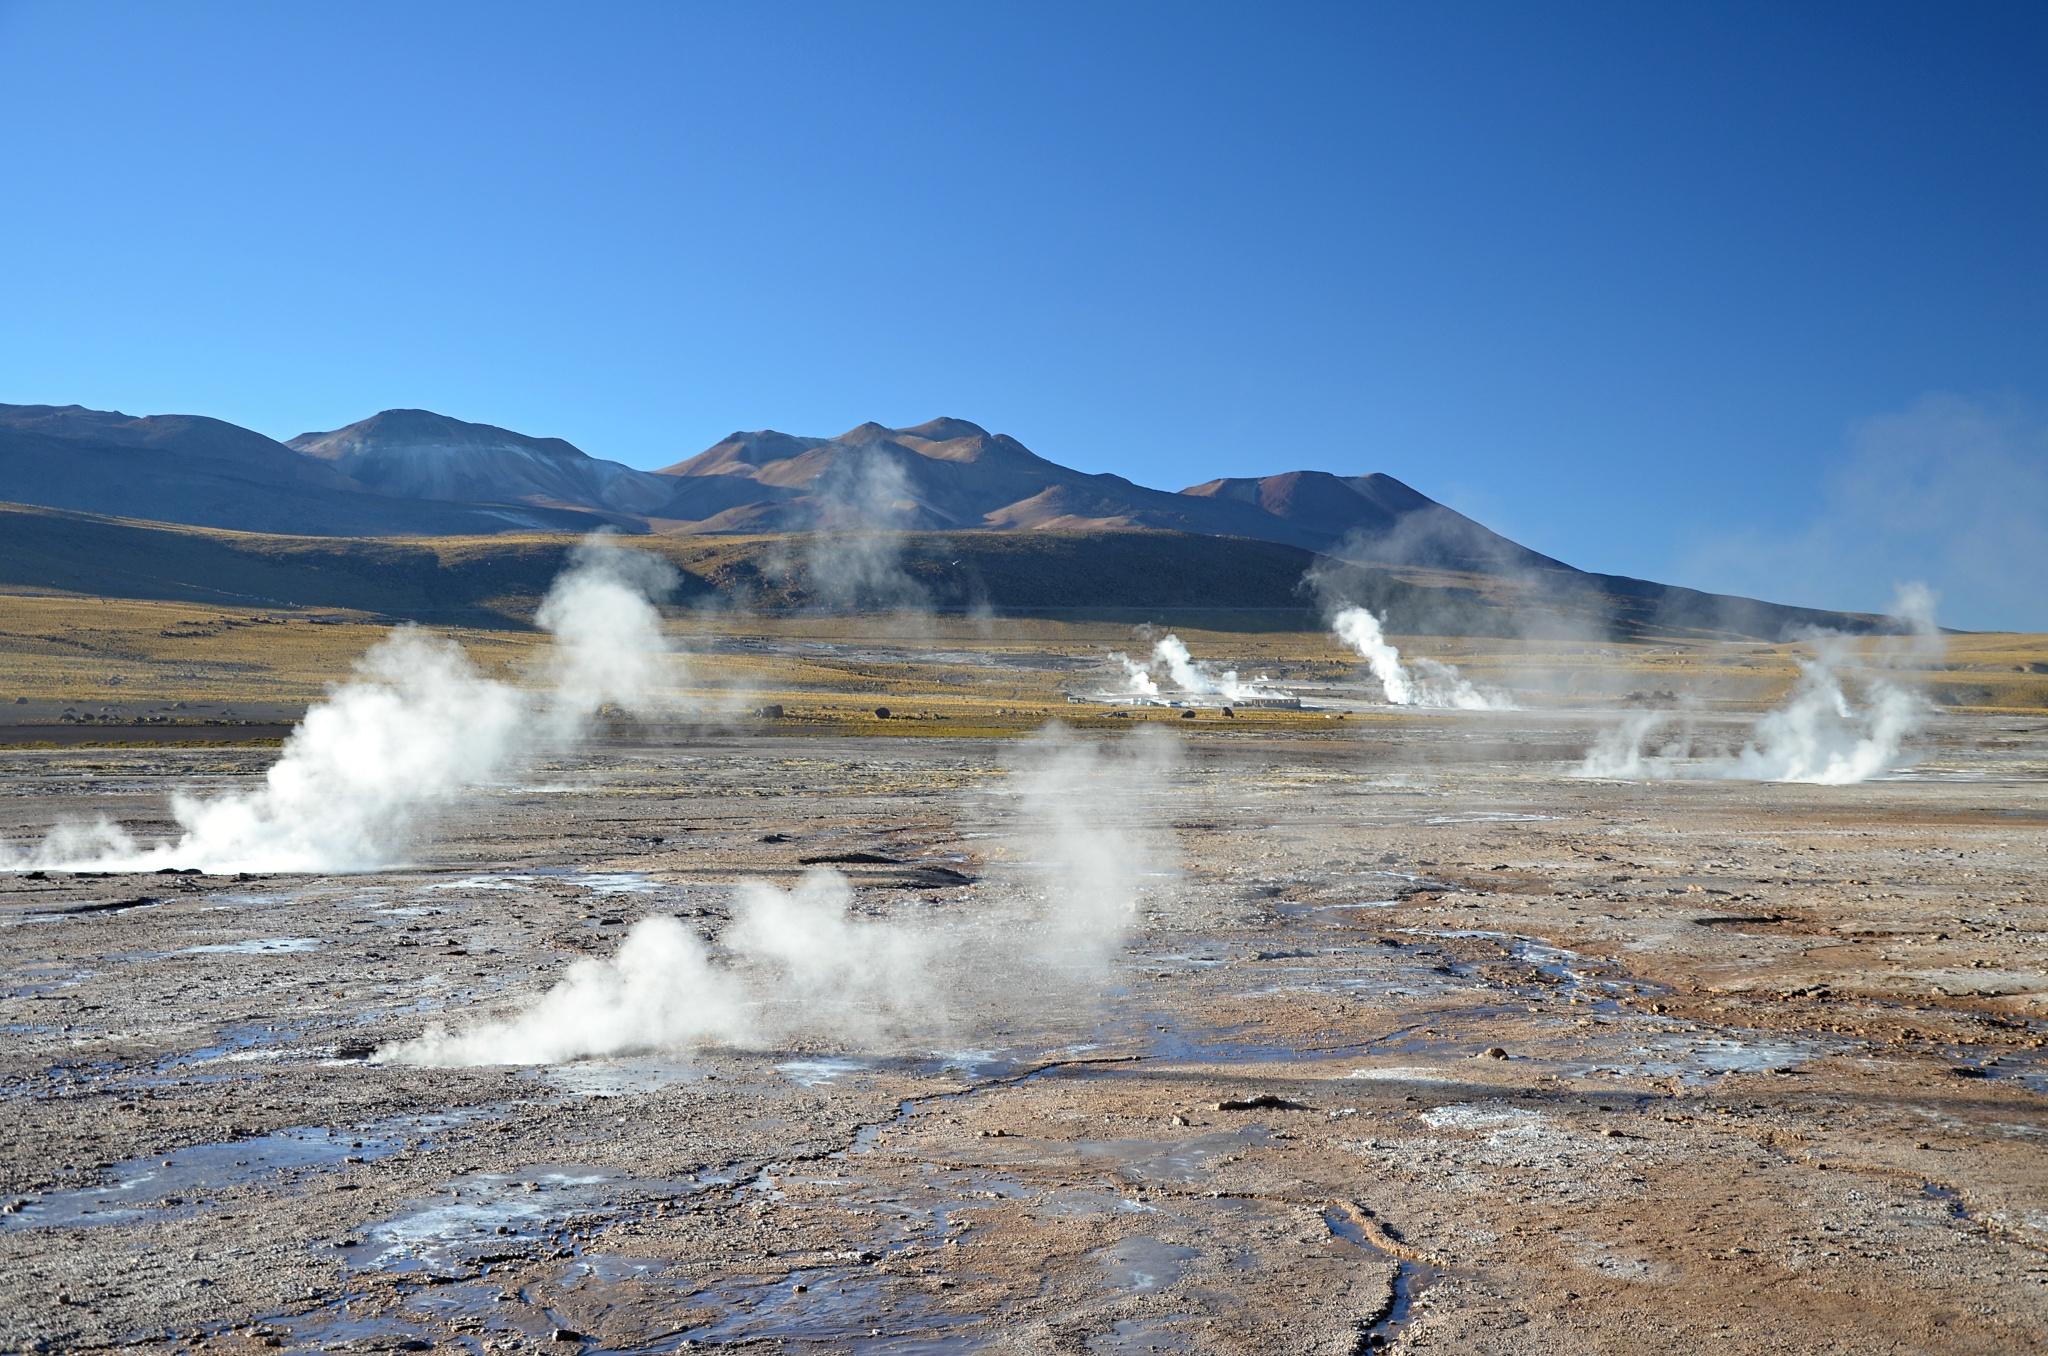 Celkový pohled na oblast gejzírů v El Tatio